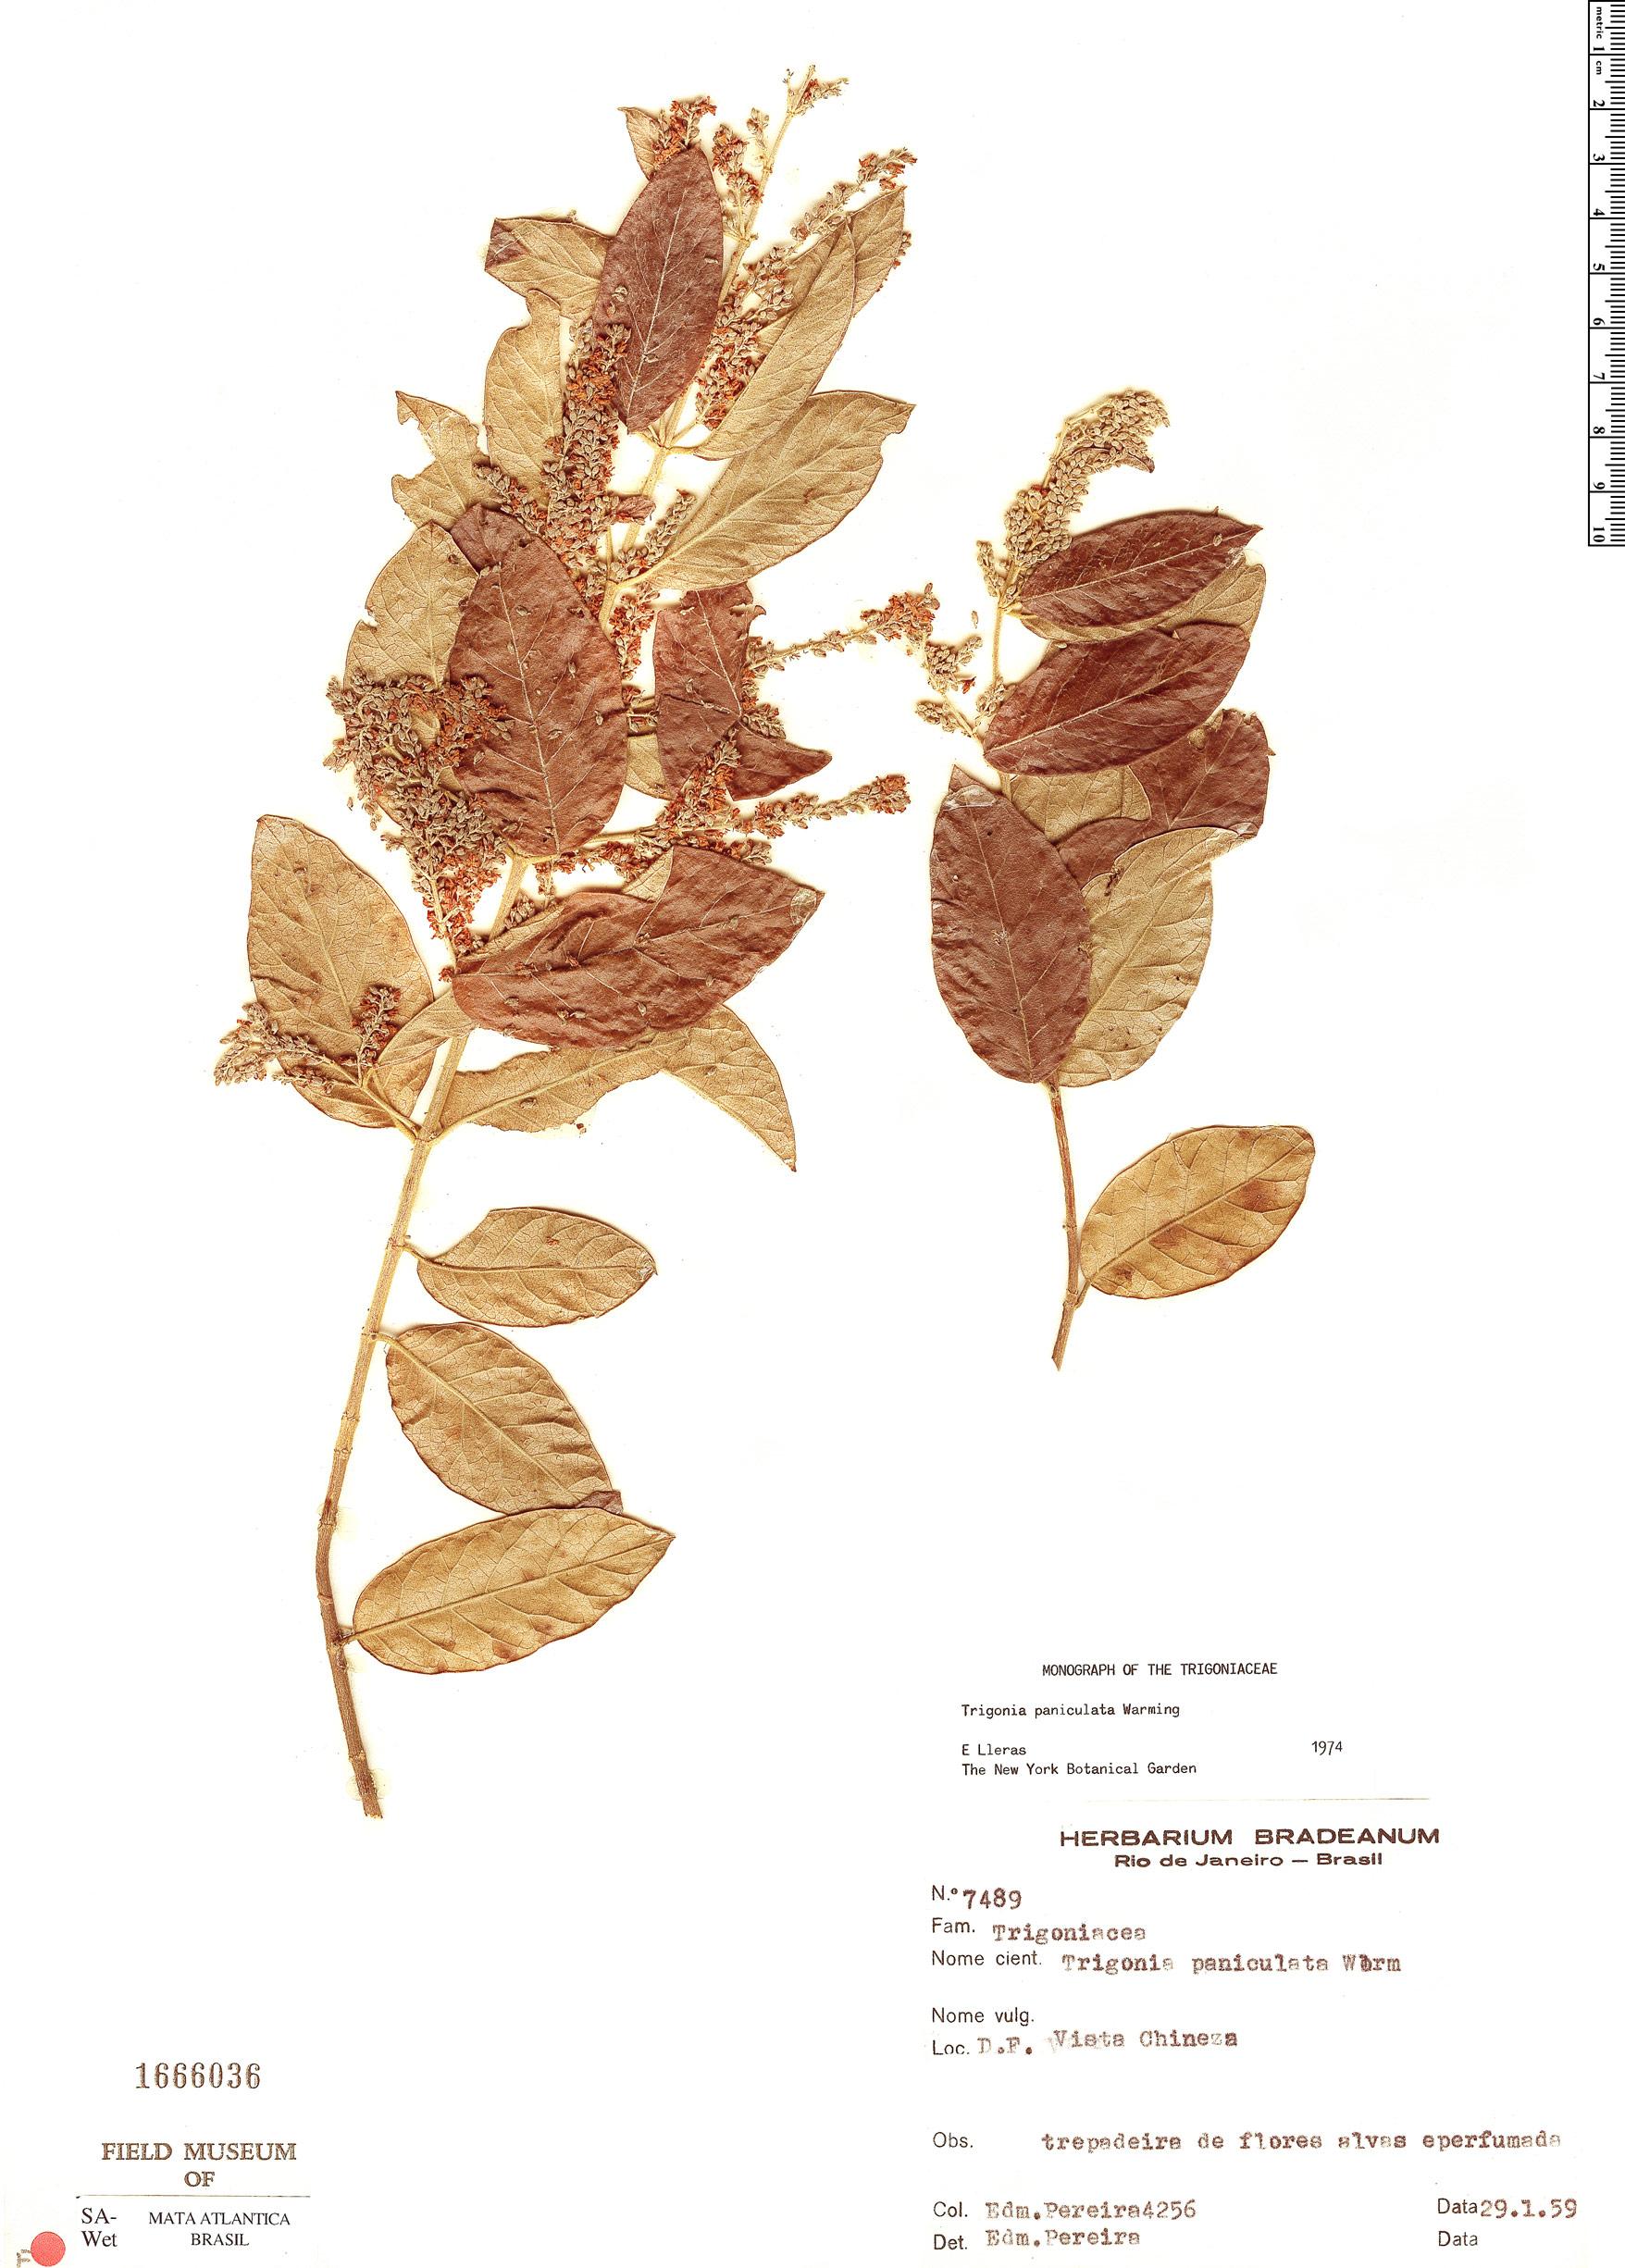 Specimen: Trigonia paniculata